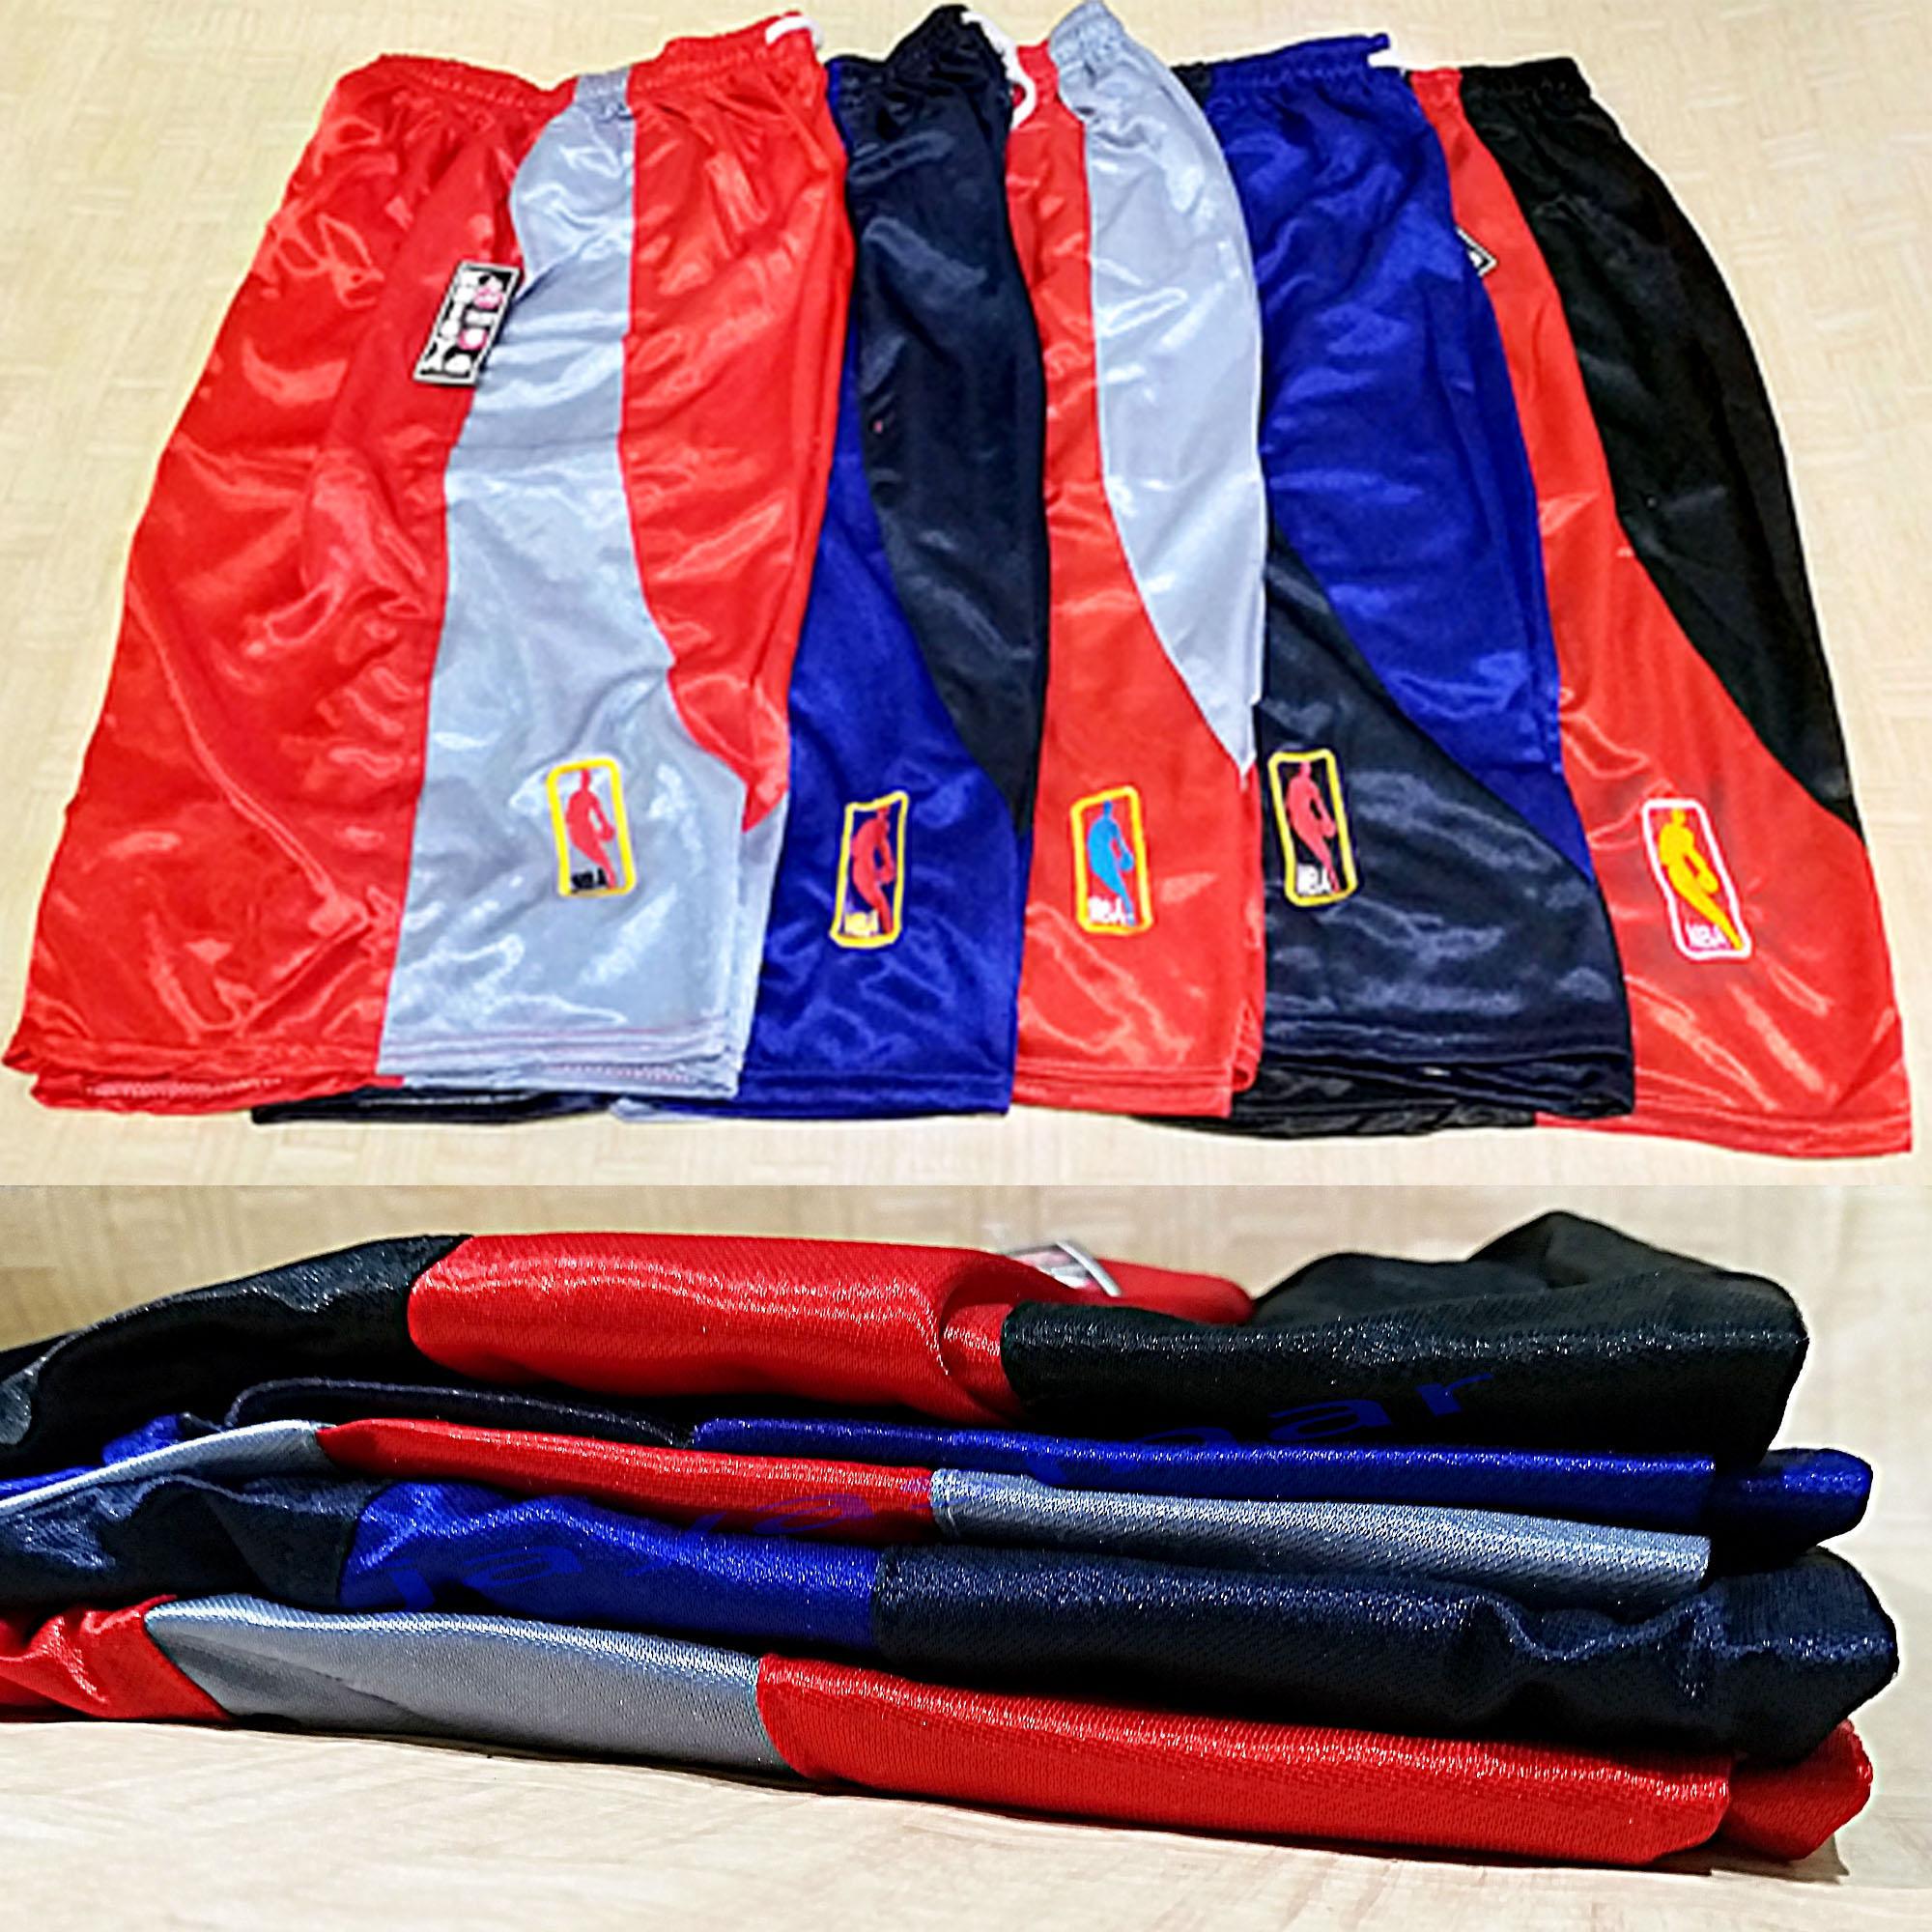 BUY 1 GET 1 FREE Celana Kolor Pendek Santai Olahraga Paragon Pria/Wanita-JY